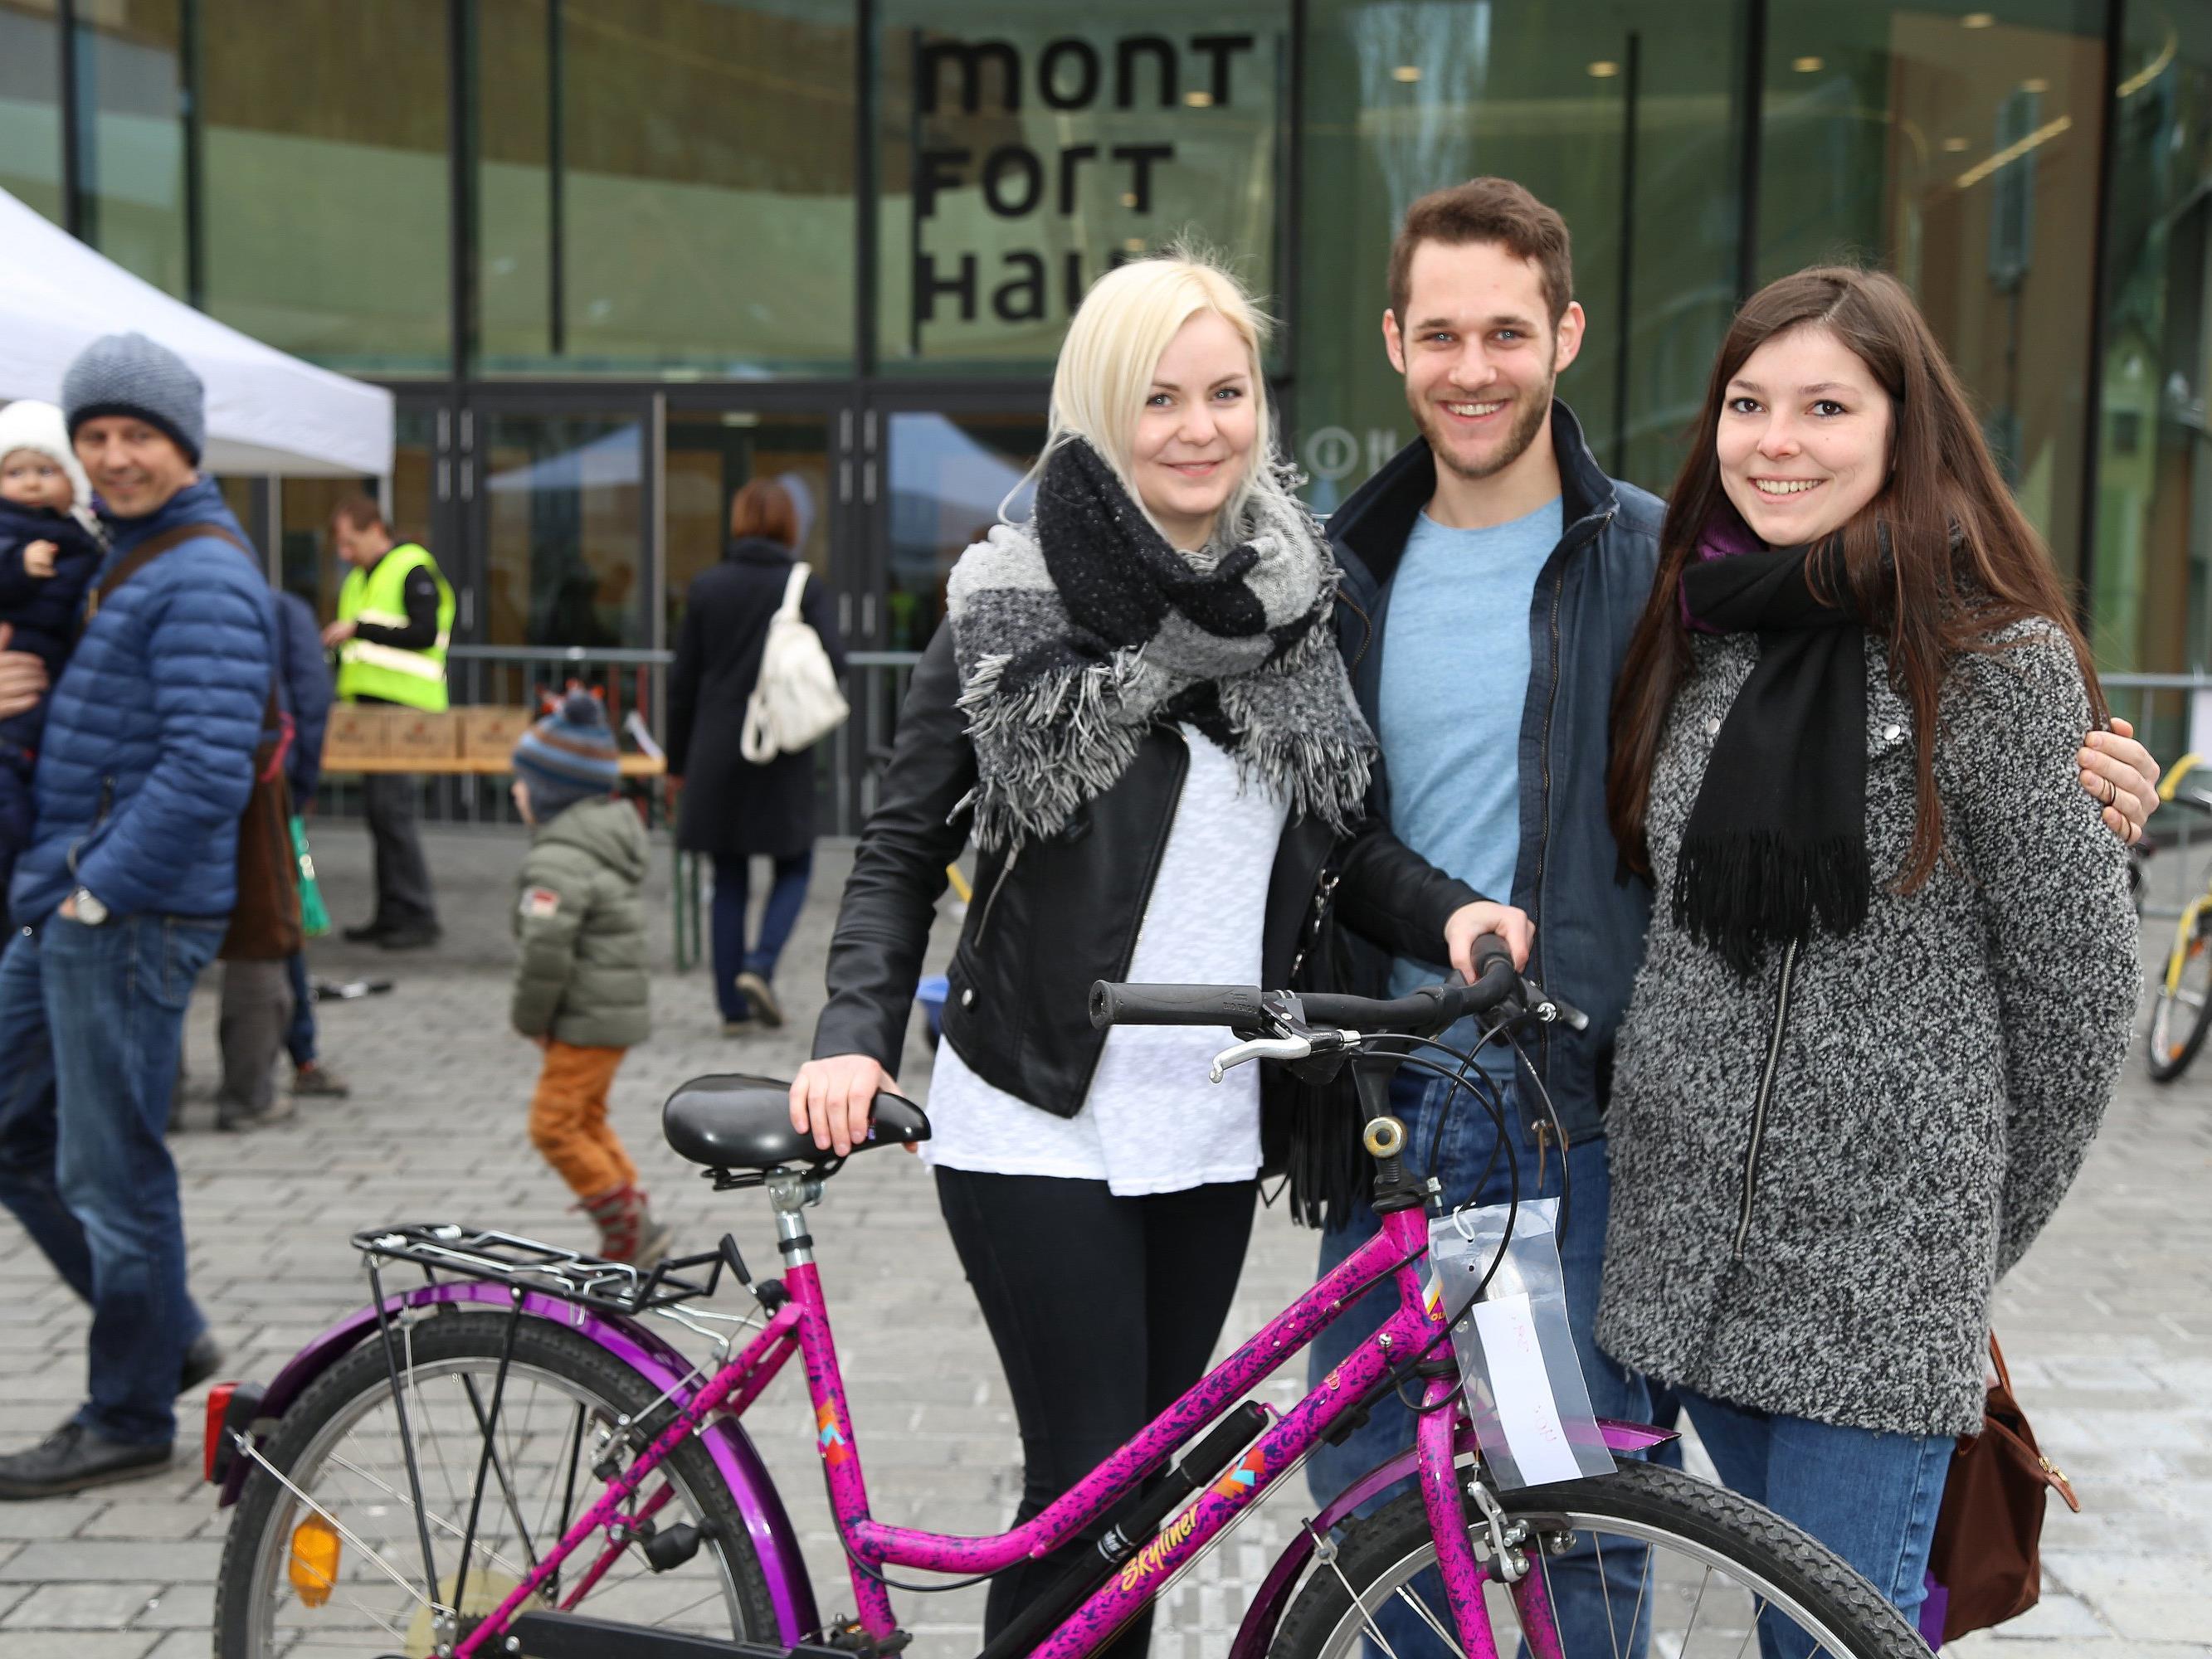 Ein Treffpunkt für die ganze Familie: Der Fahrradbasar am Montfortplatz war trotz Regen gut besucht.